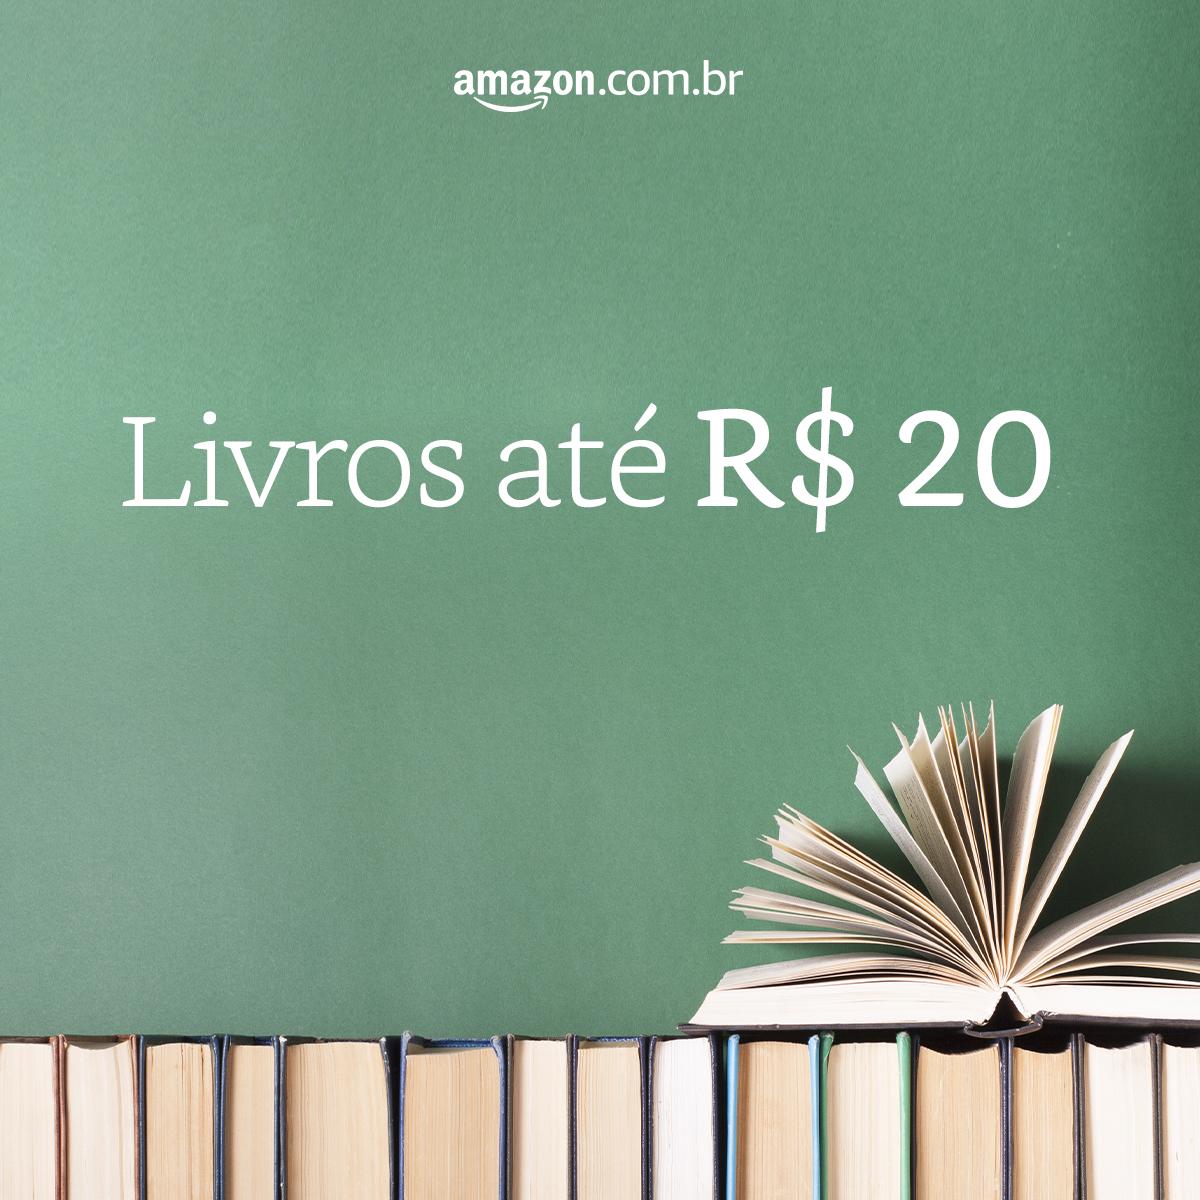 Livros até R$ 20